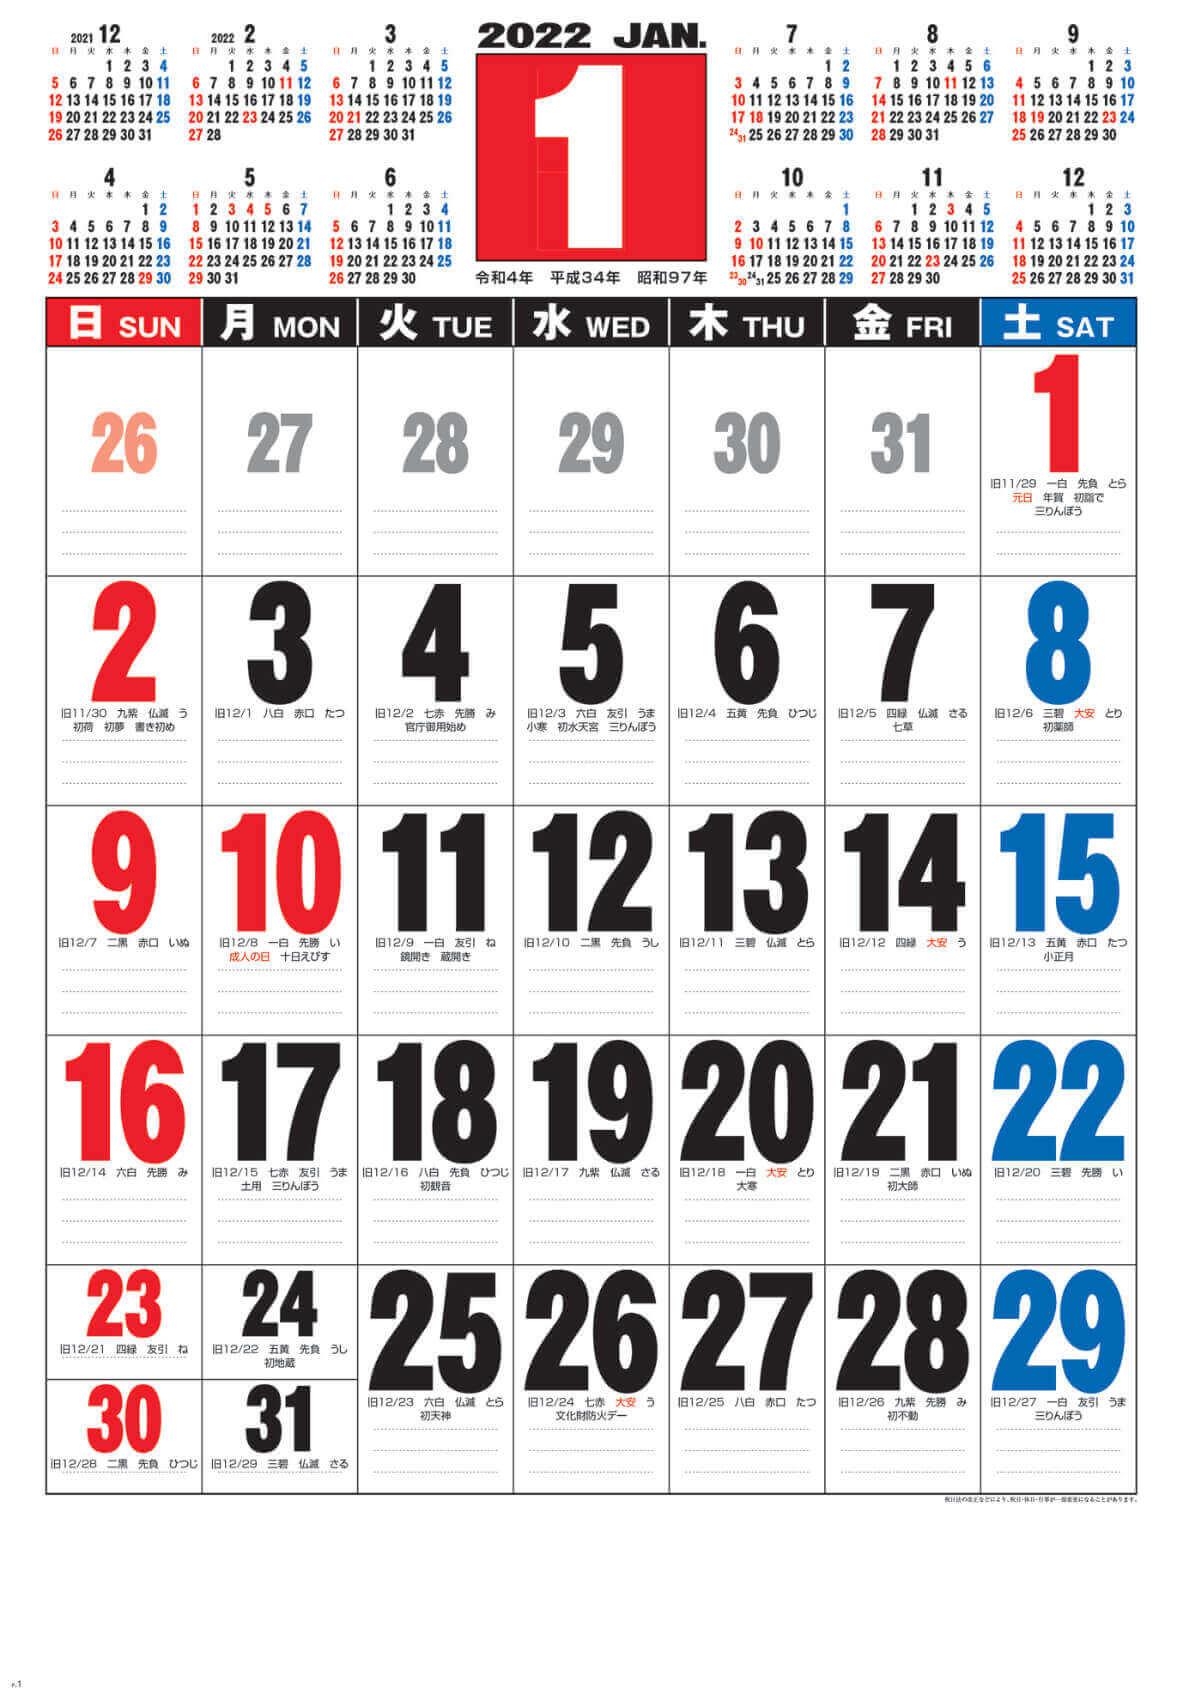 年表入り 3色ジャンボ文字 2022年カレンダーの画像